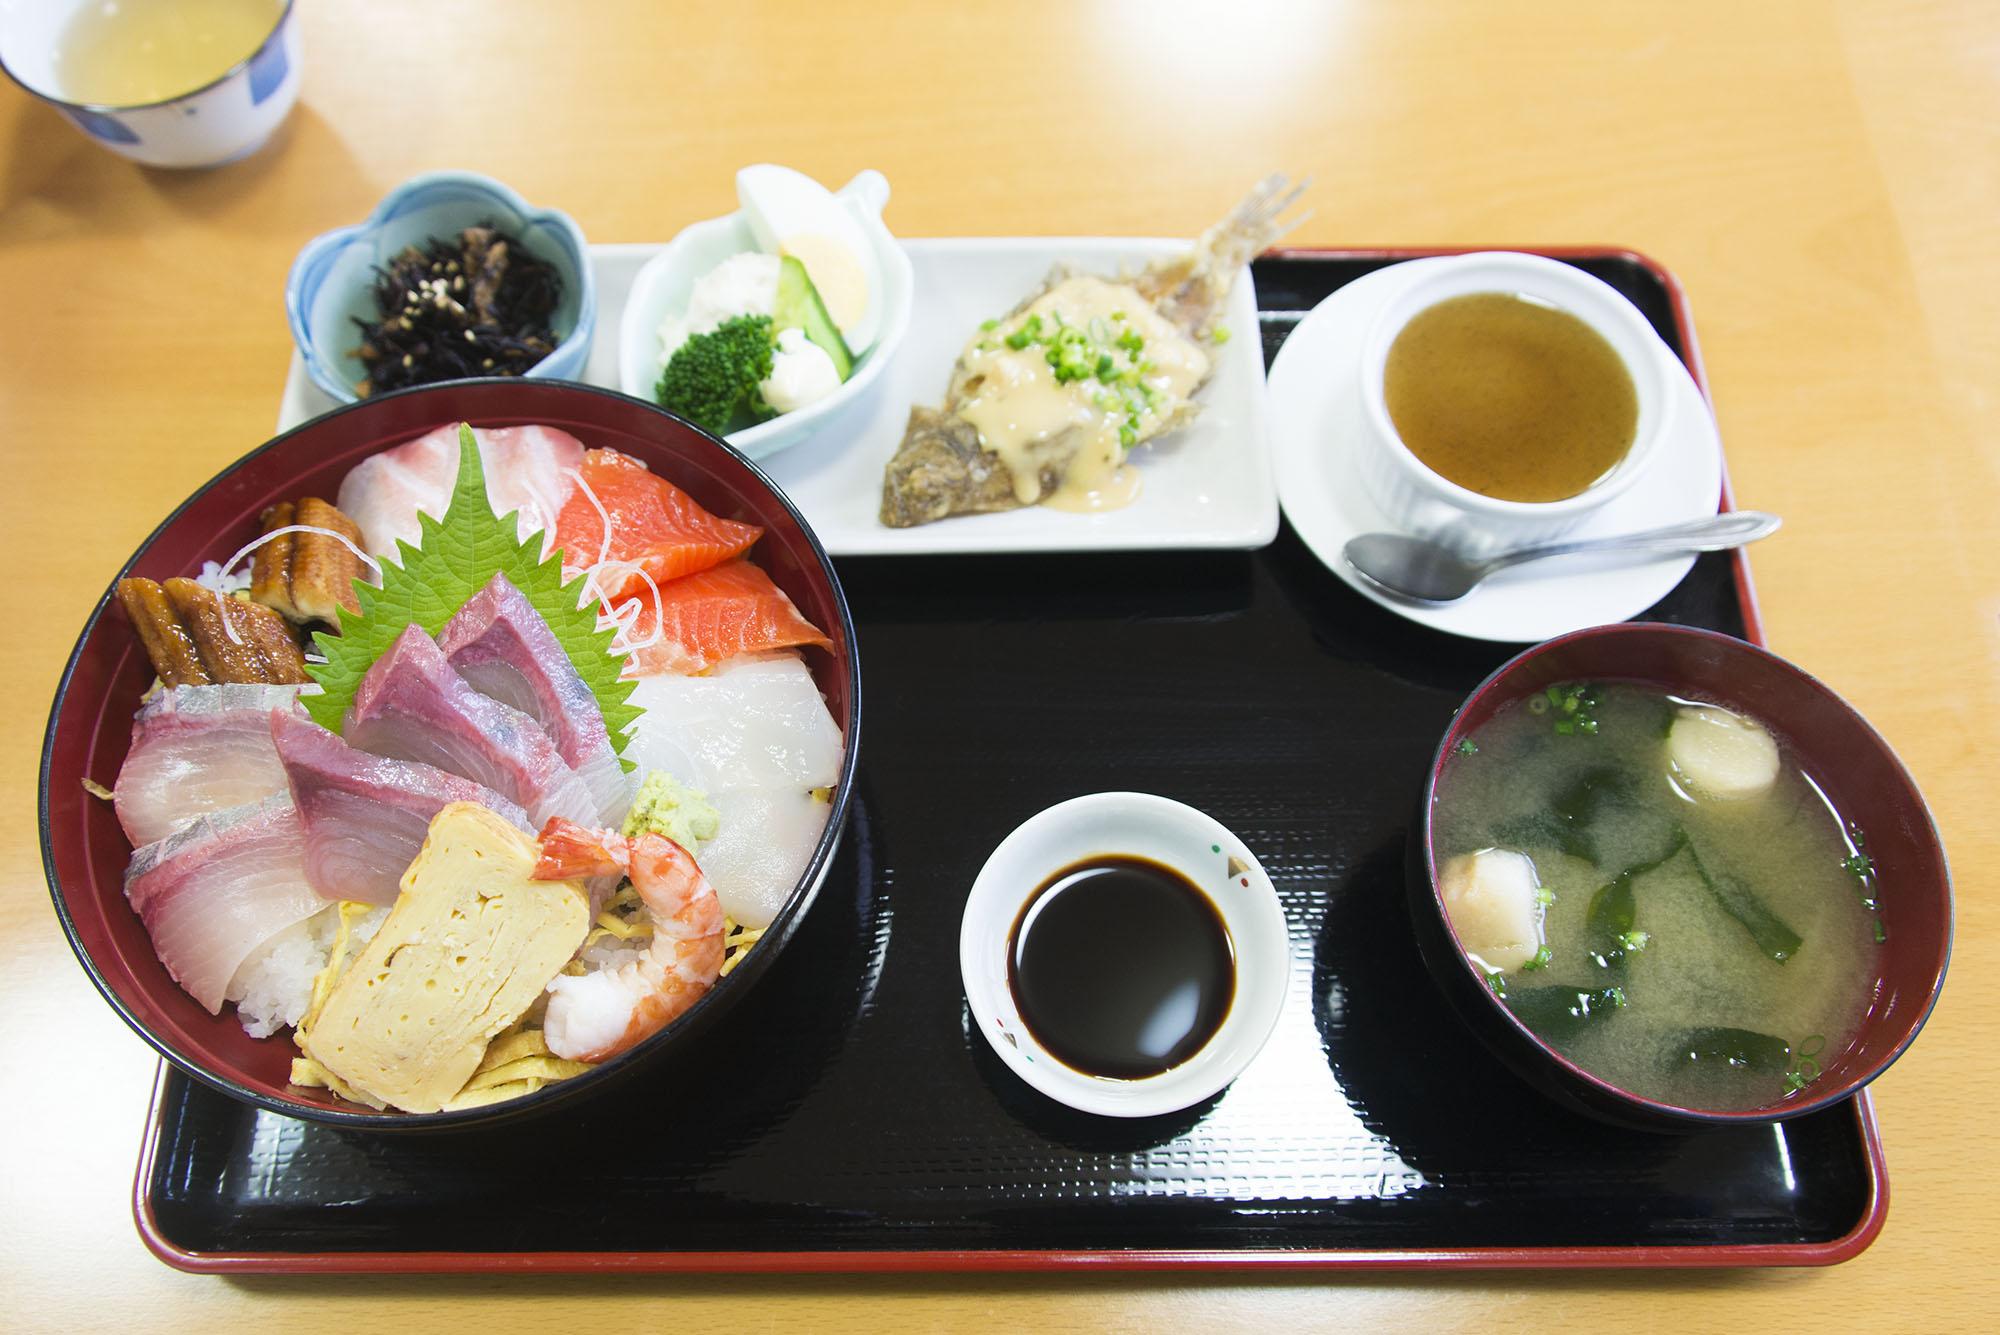 海鮮丼定食 無料写真素材191を拡大表示(幅 2000 px)